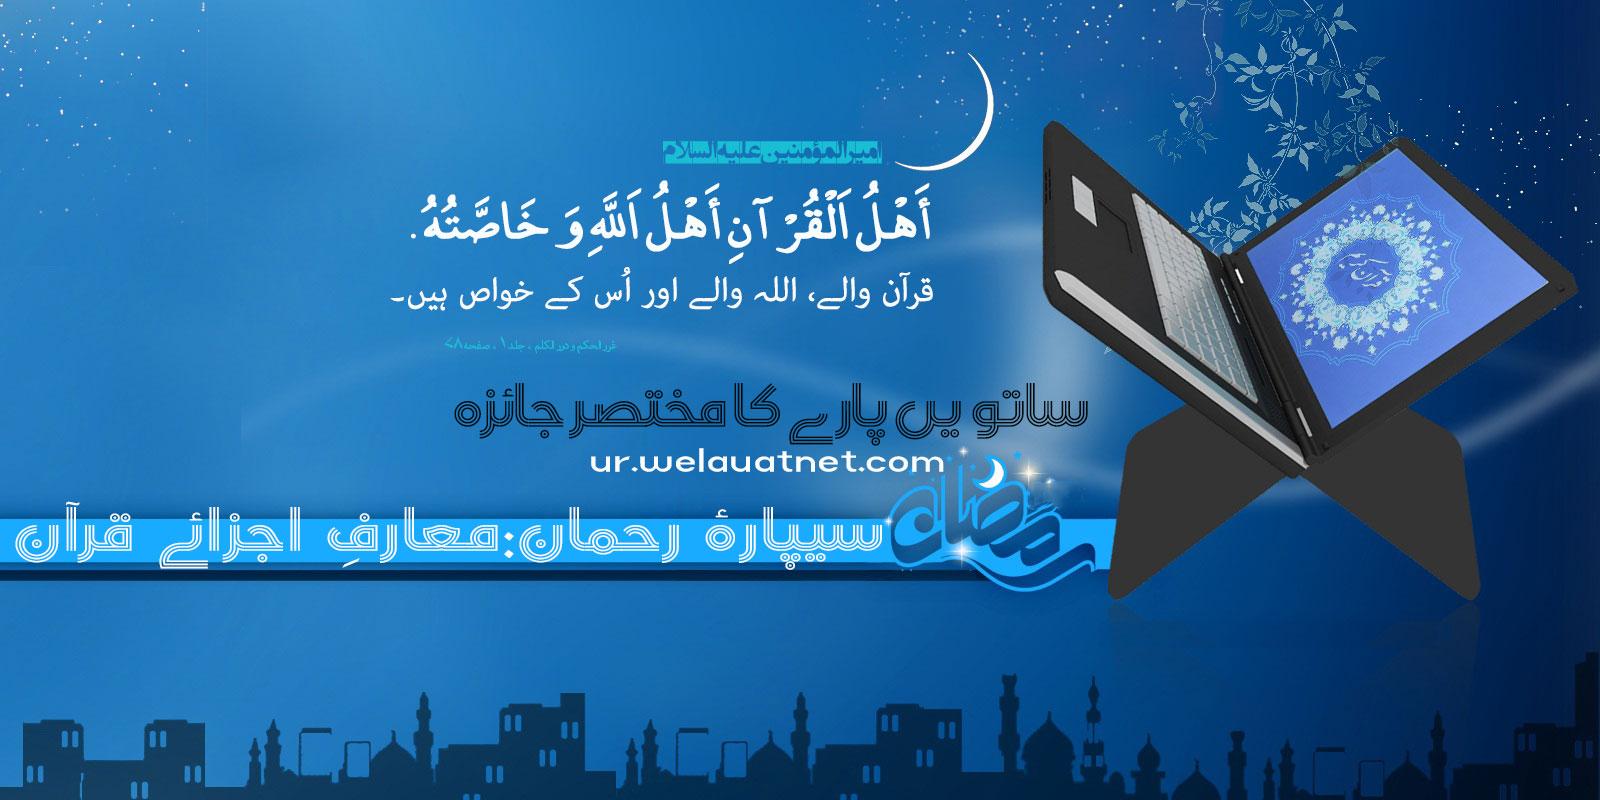 سیپارۂ رحمان:معارف اجزائے قرآن: ساتویں پارے کا مختصر جائزہ